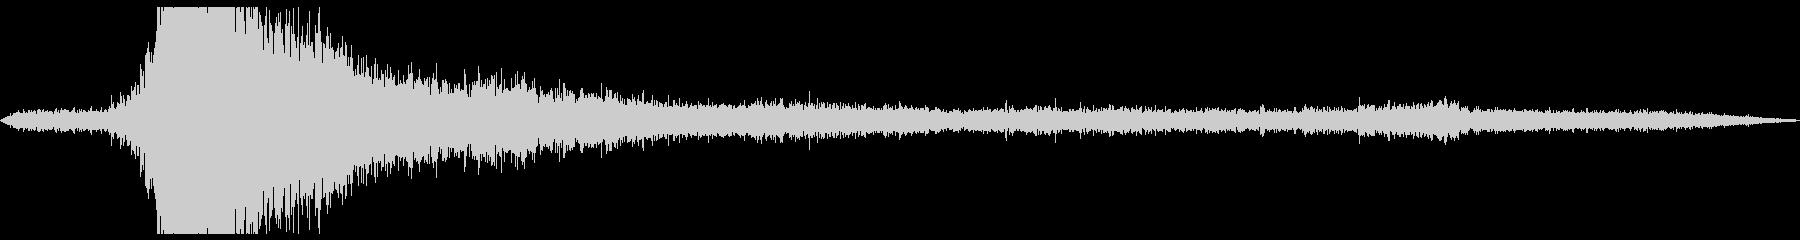 ドカーン 雷が轟く暴風雨の環境音の未再生の波形